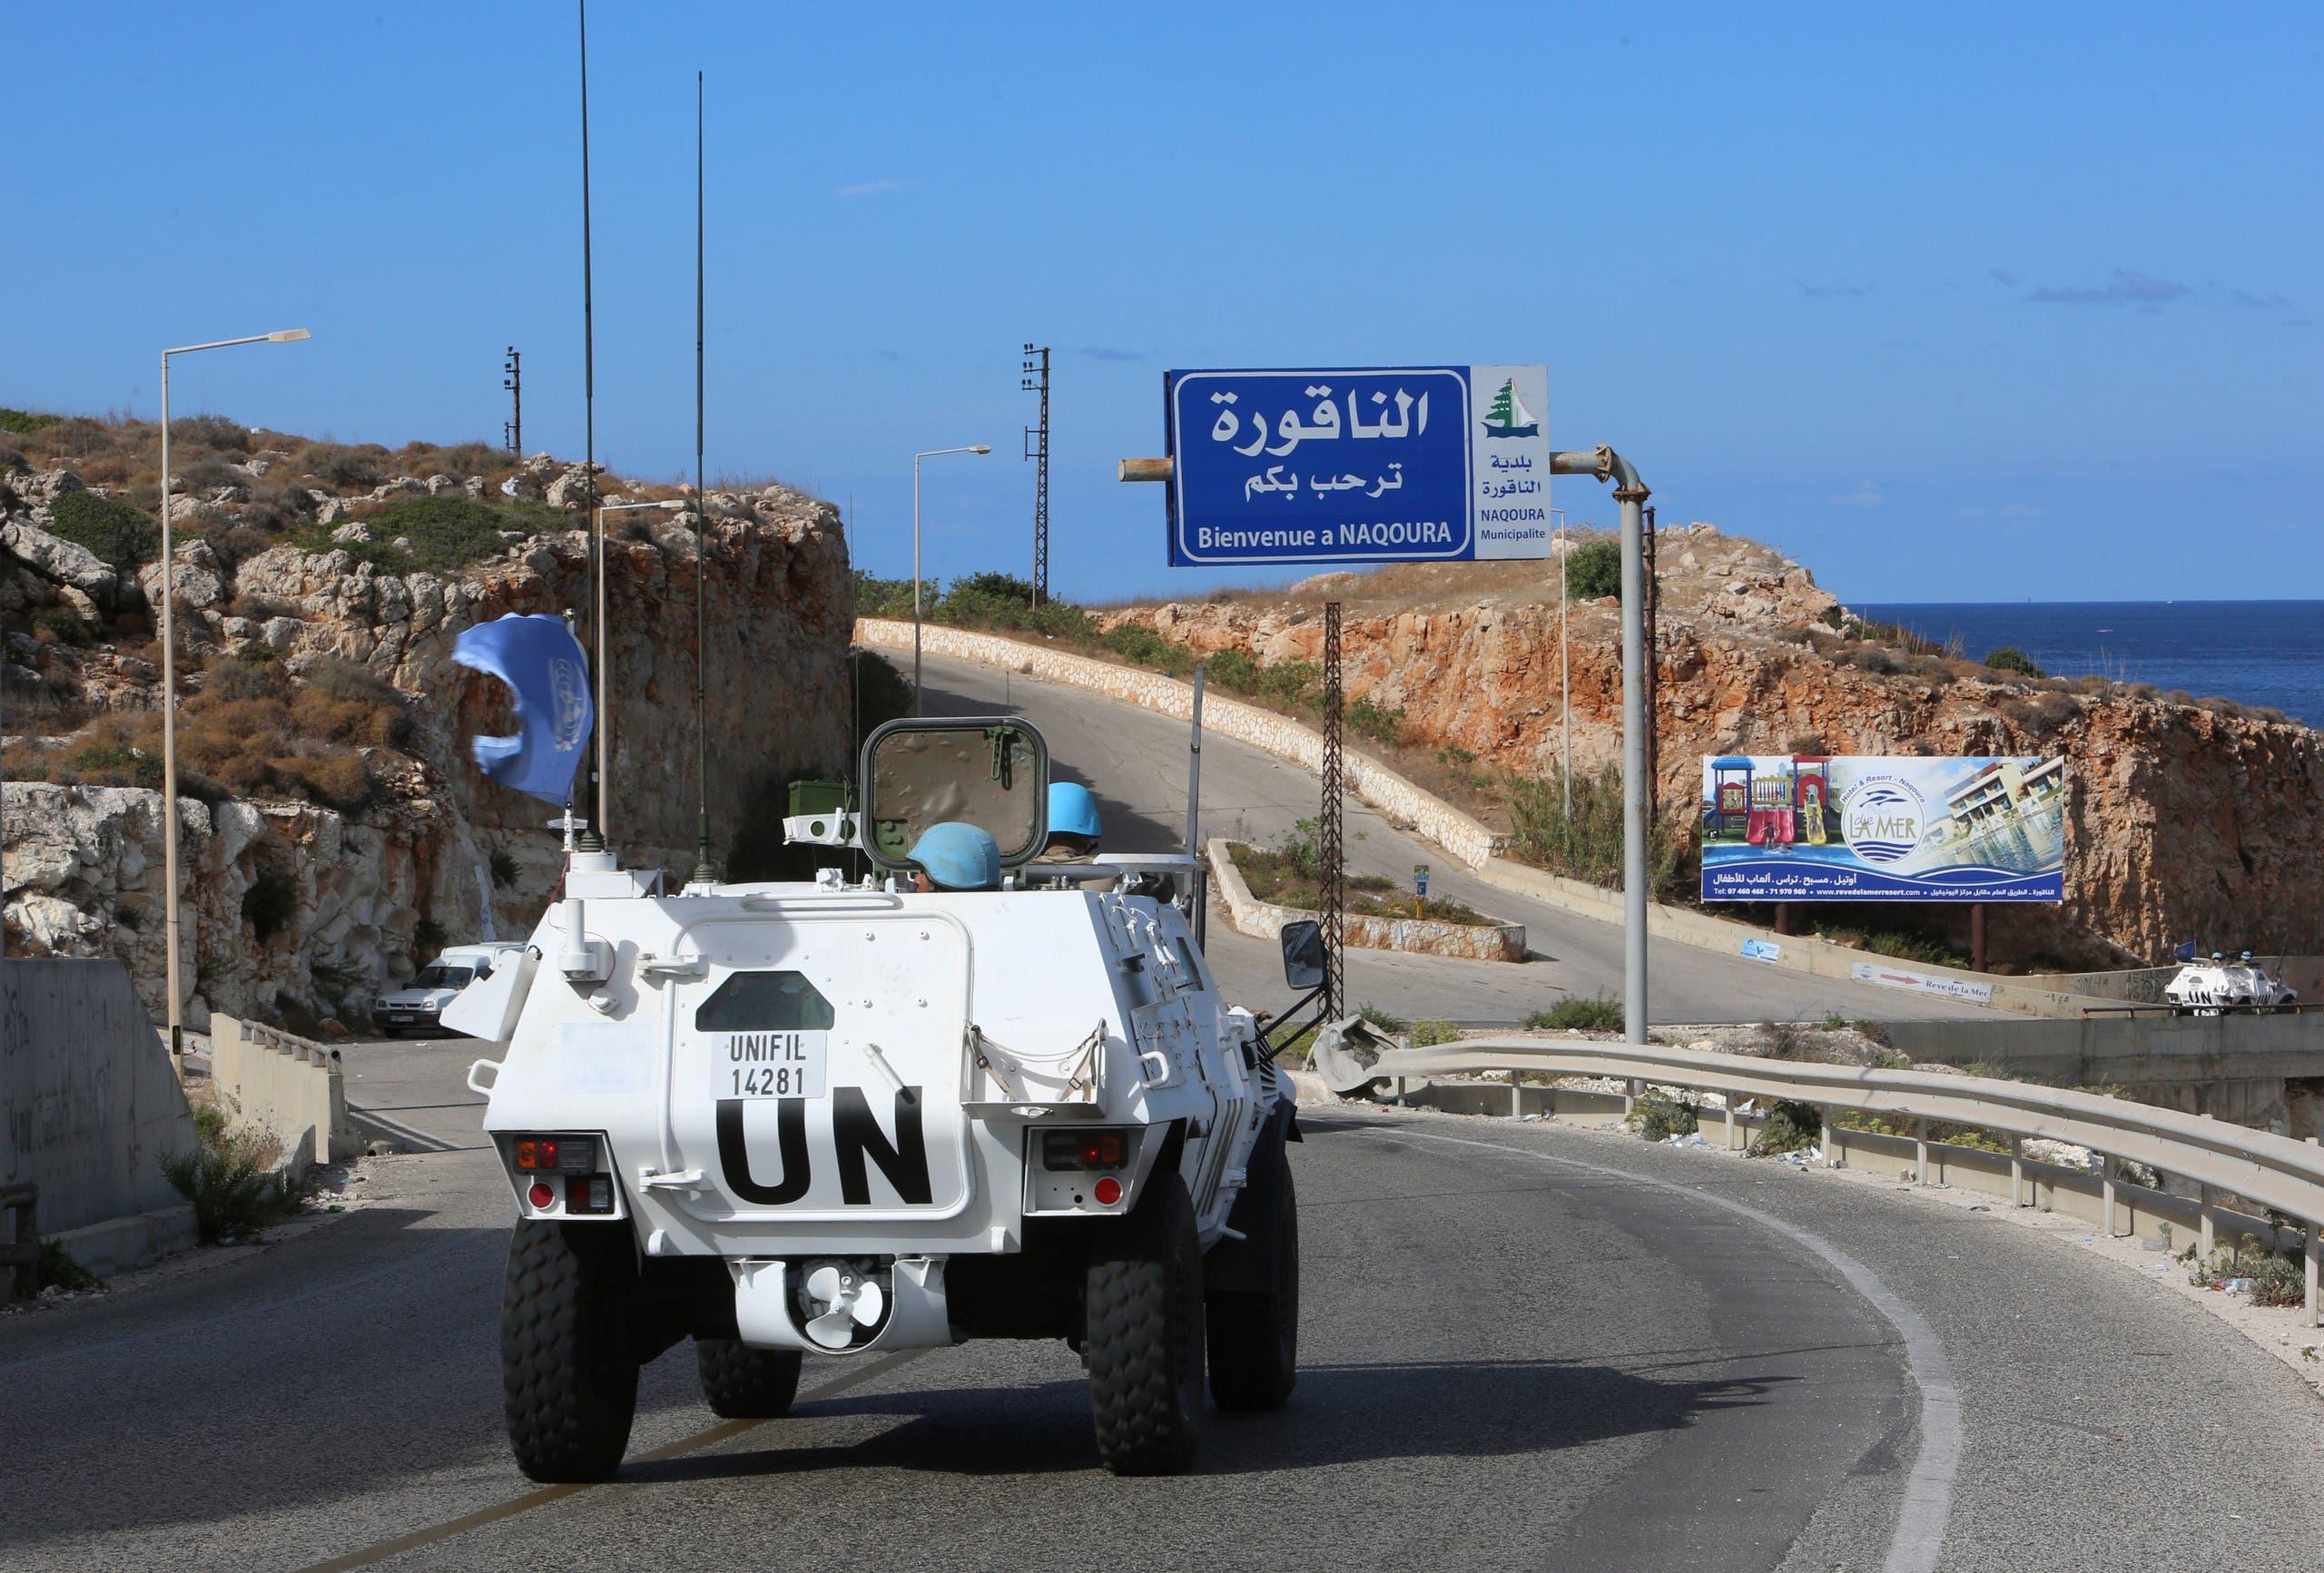 سيارة تابعة للأمم المتحدة بمنطقة الناقورة على الحدود اللبنانية الإسرائيلية